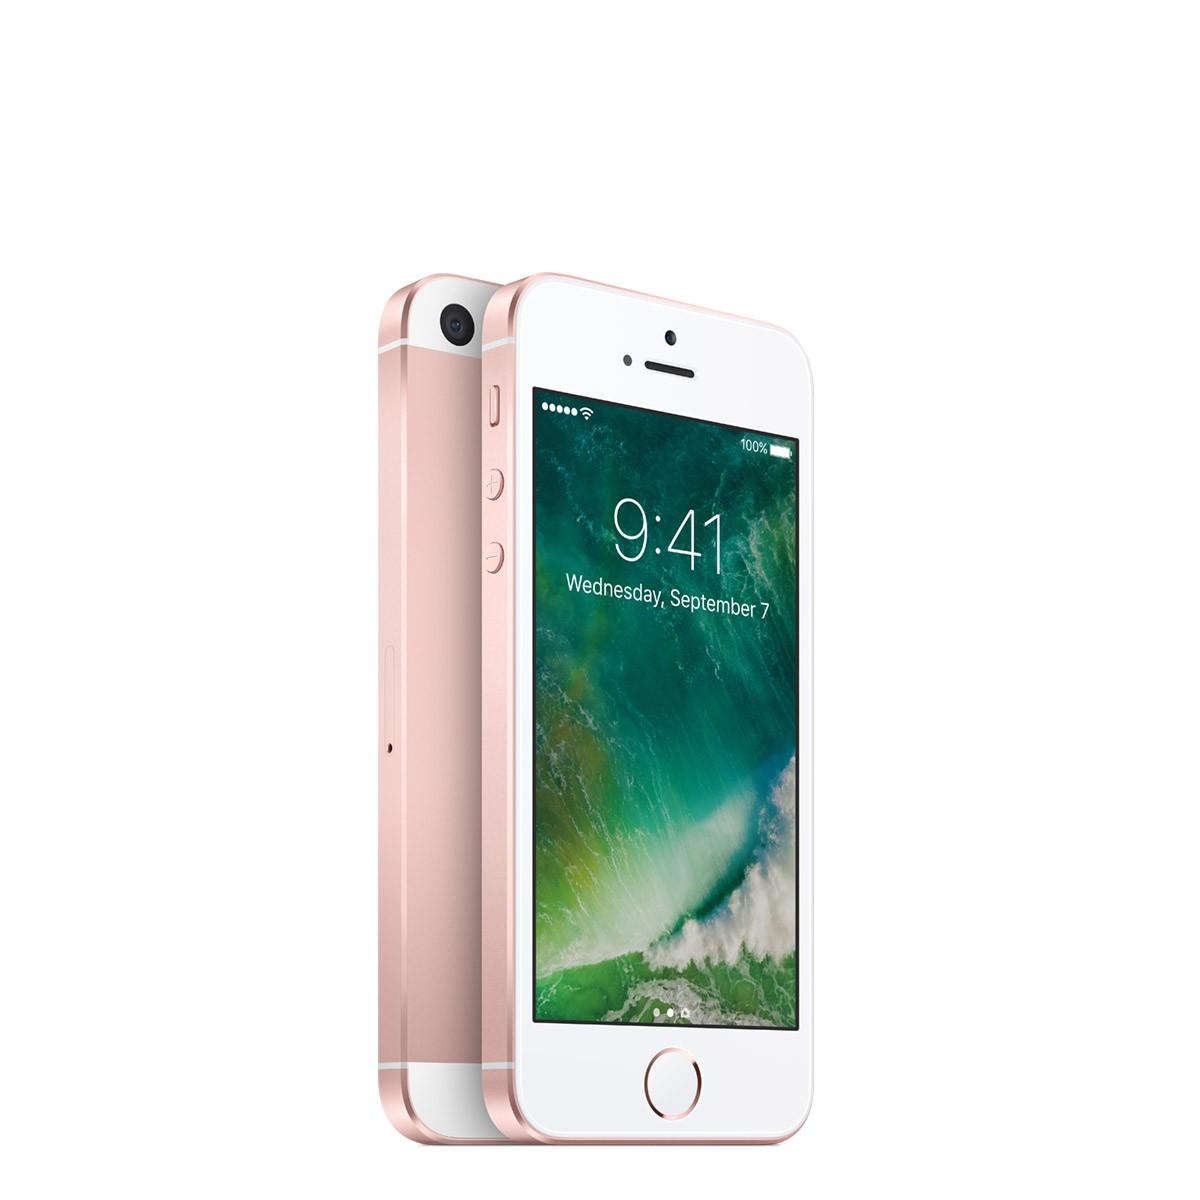 Apple iPhone SE 32GB - růžově zlatý (servisovaný, nepoužitý, záruka a odpovědnost z vad 12 měsíců u iSTYLE)